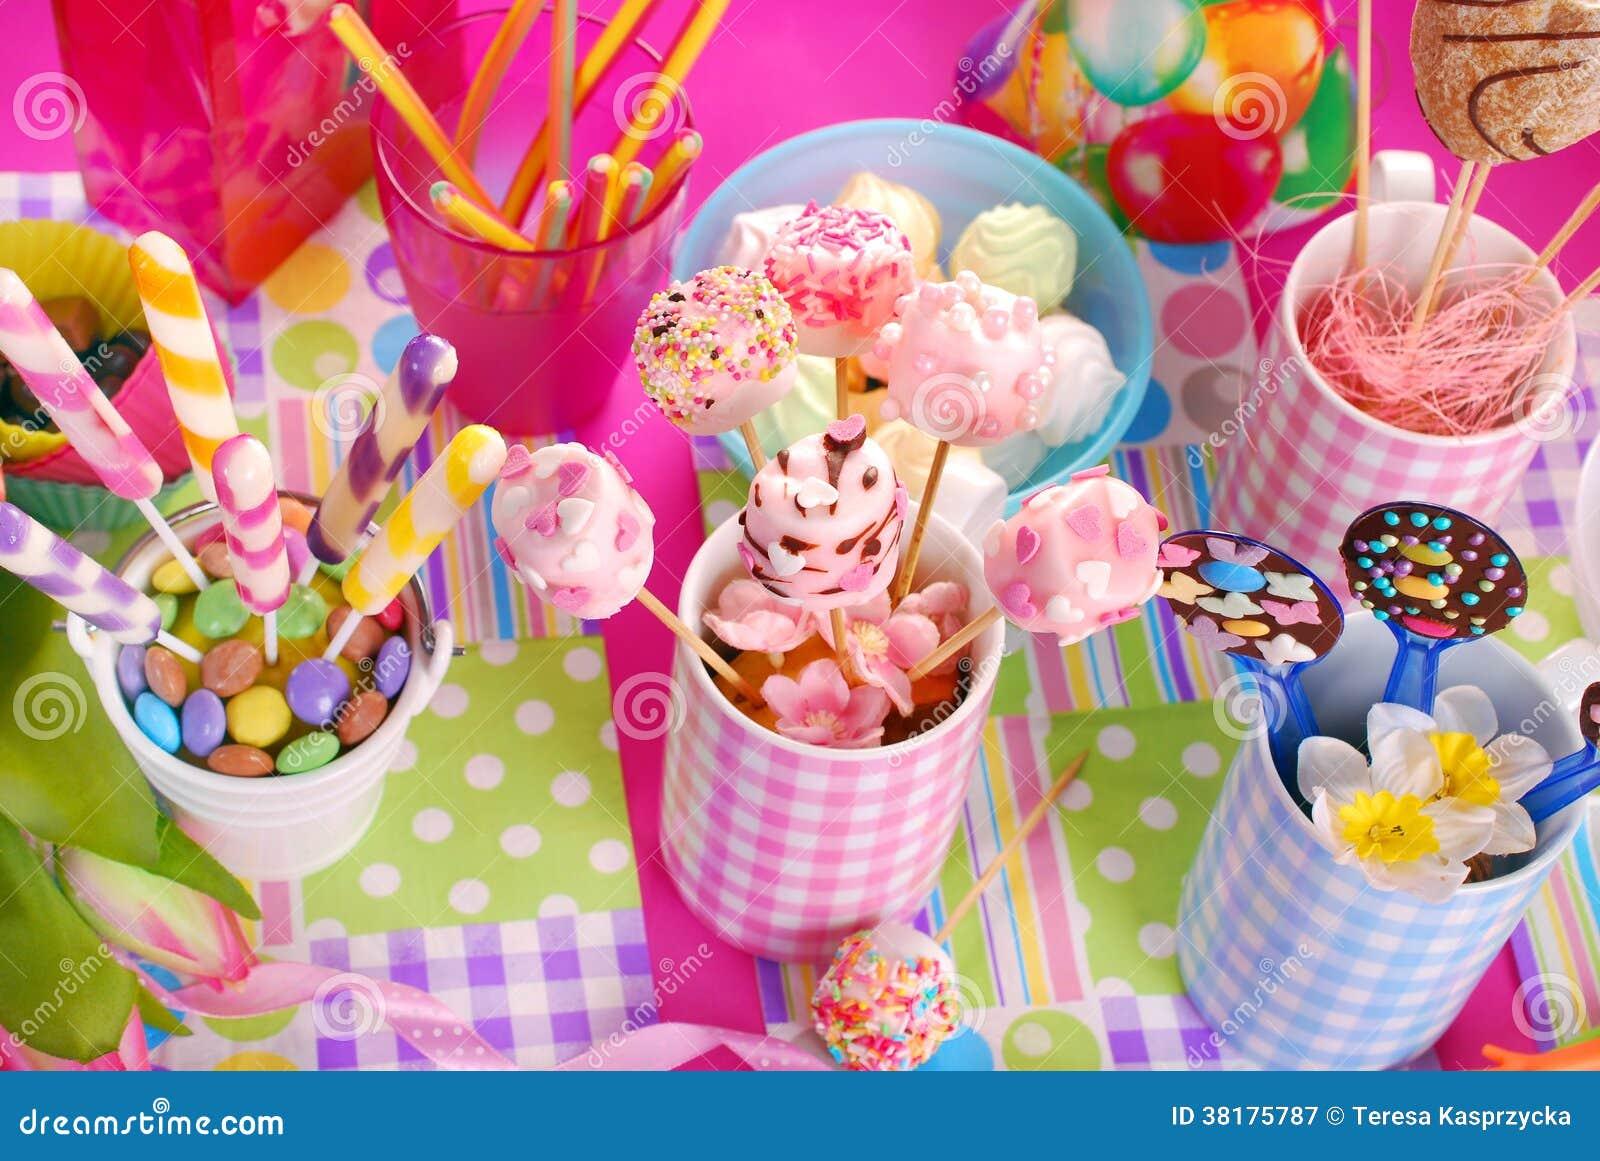 Decorare tavola compleanno bambini nq97 regardsdefemmes - Tavola periodica per bambini ...